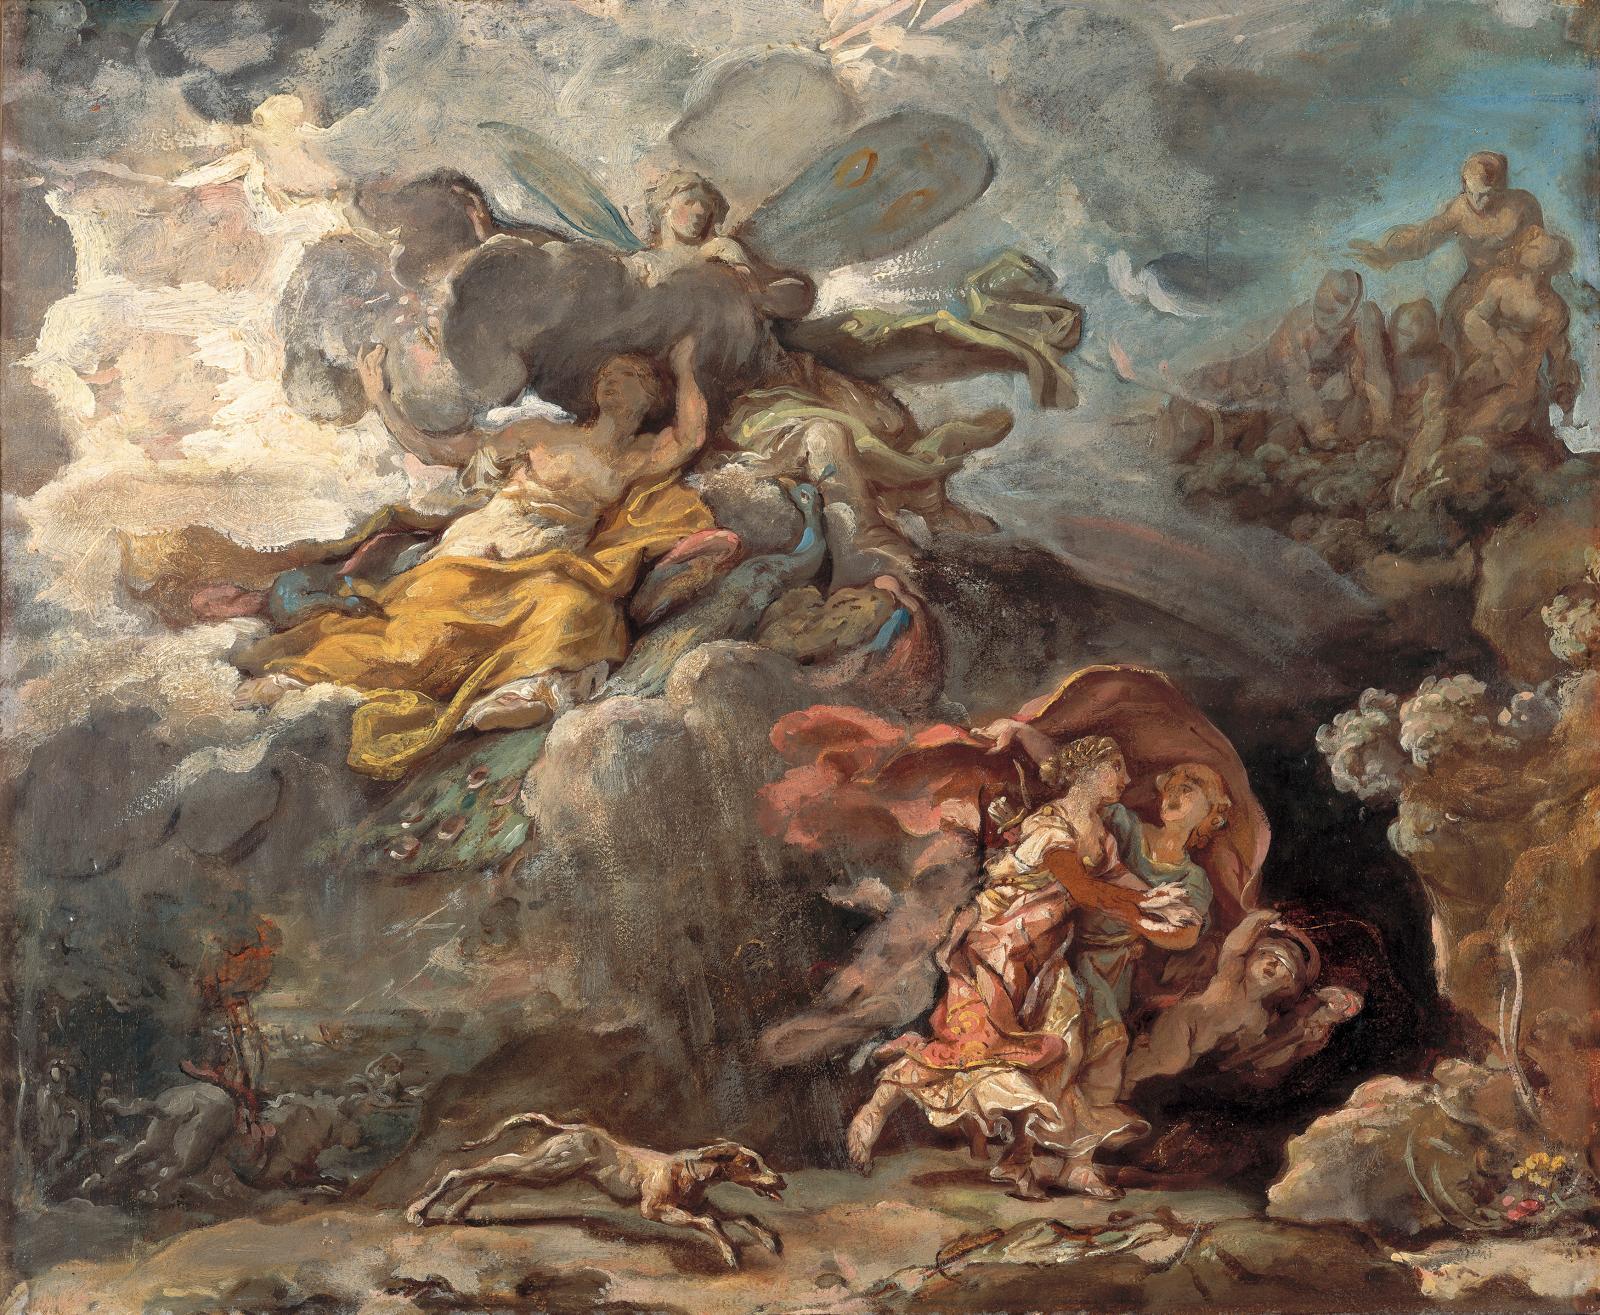 La Tempête commandée par Junon et Didon et Énée se réfugiant dans la grotte, 1773-1774, huile sur papier marouflé sur toile, 46x52,7 cm, détail. Los